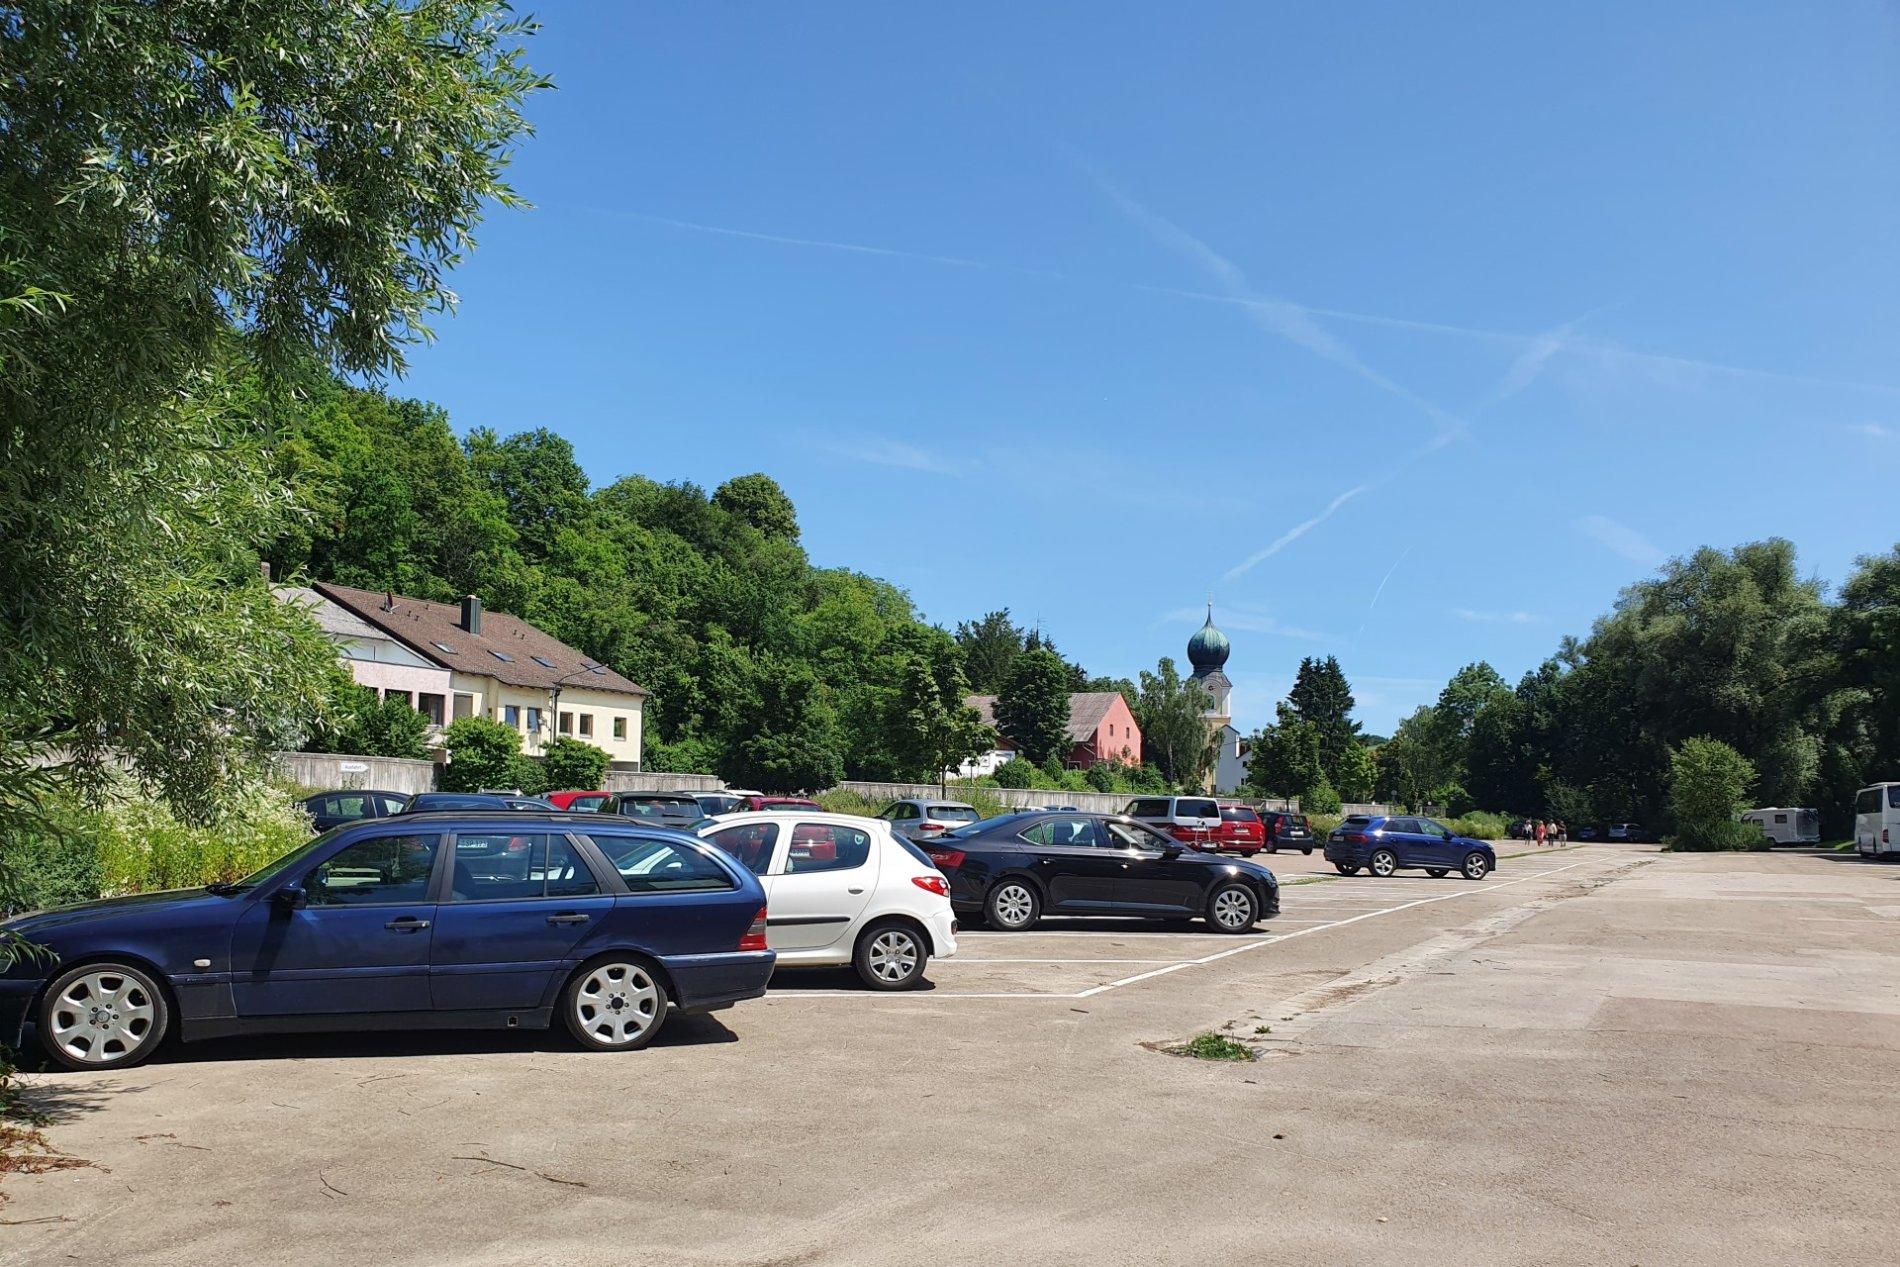 Großparkplatz in Weltenburg